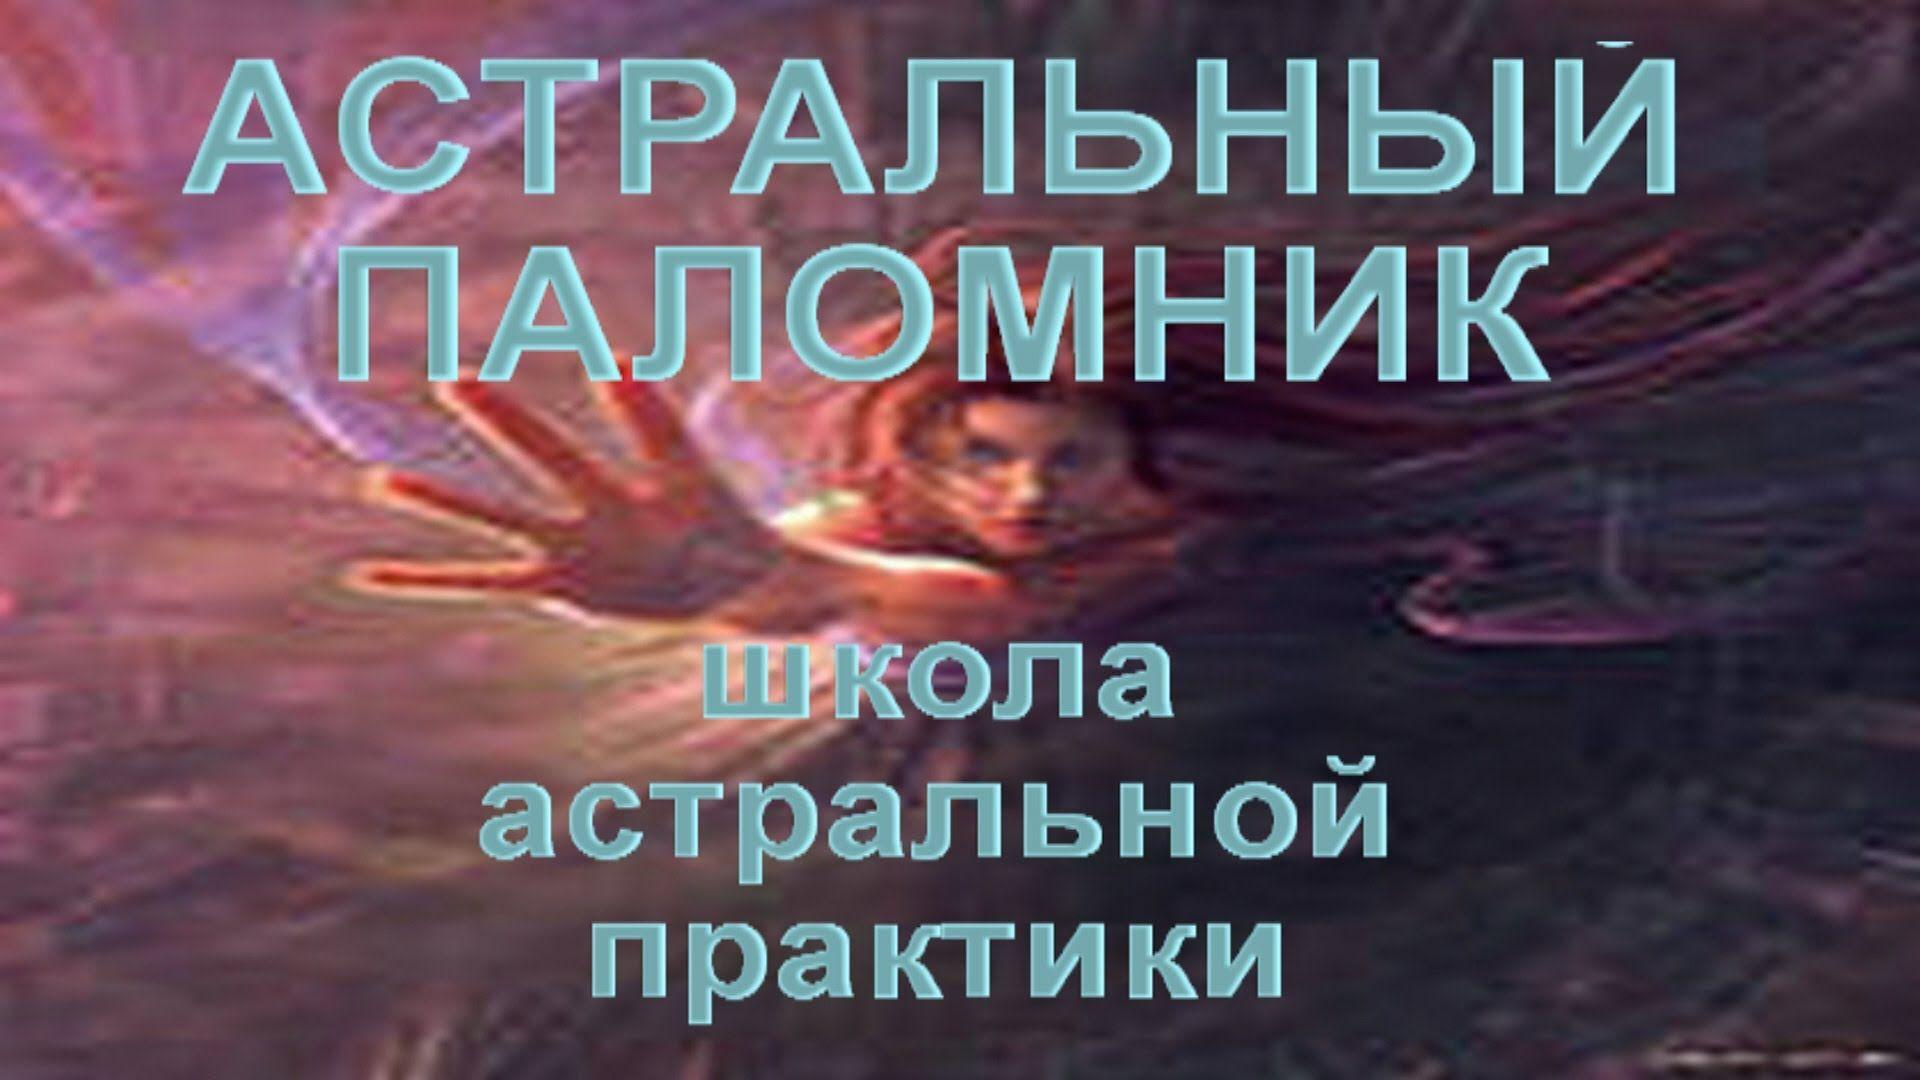 Астрал: что это такое и где он находится? какие сущности там живут? - infovzor.ru